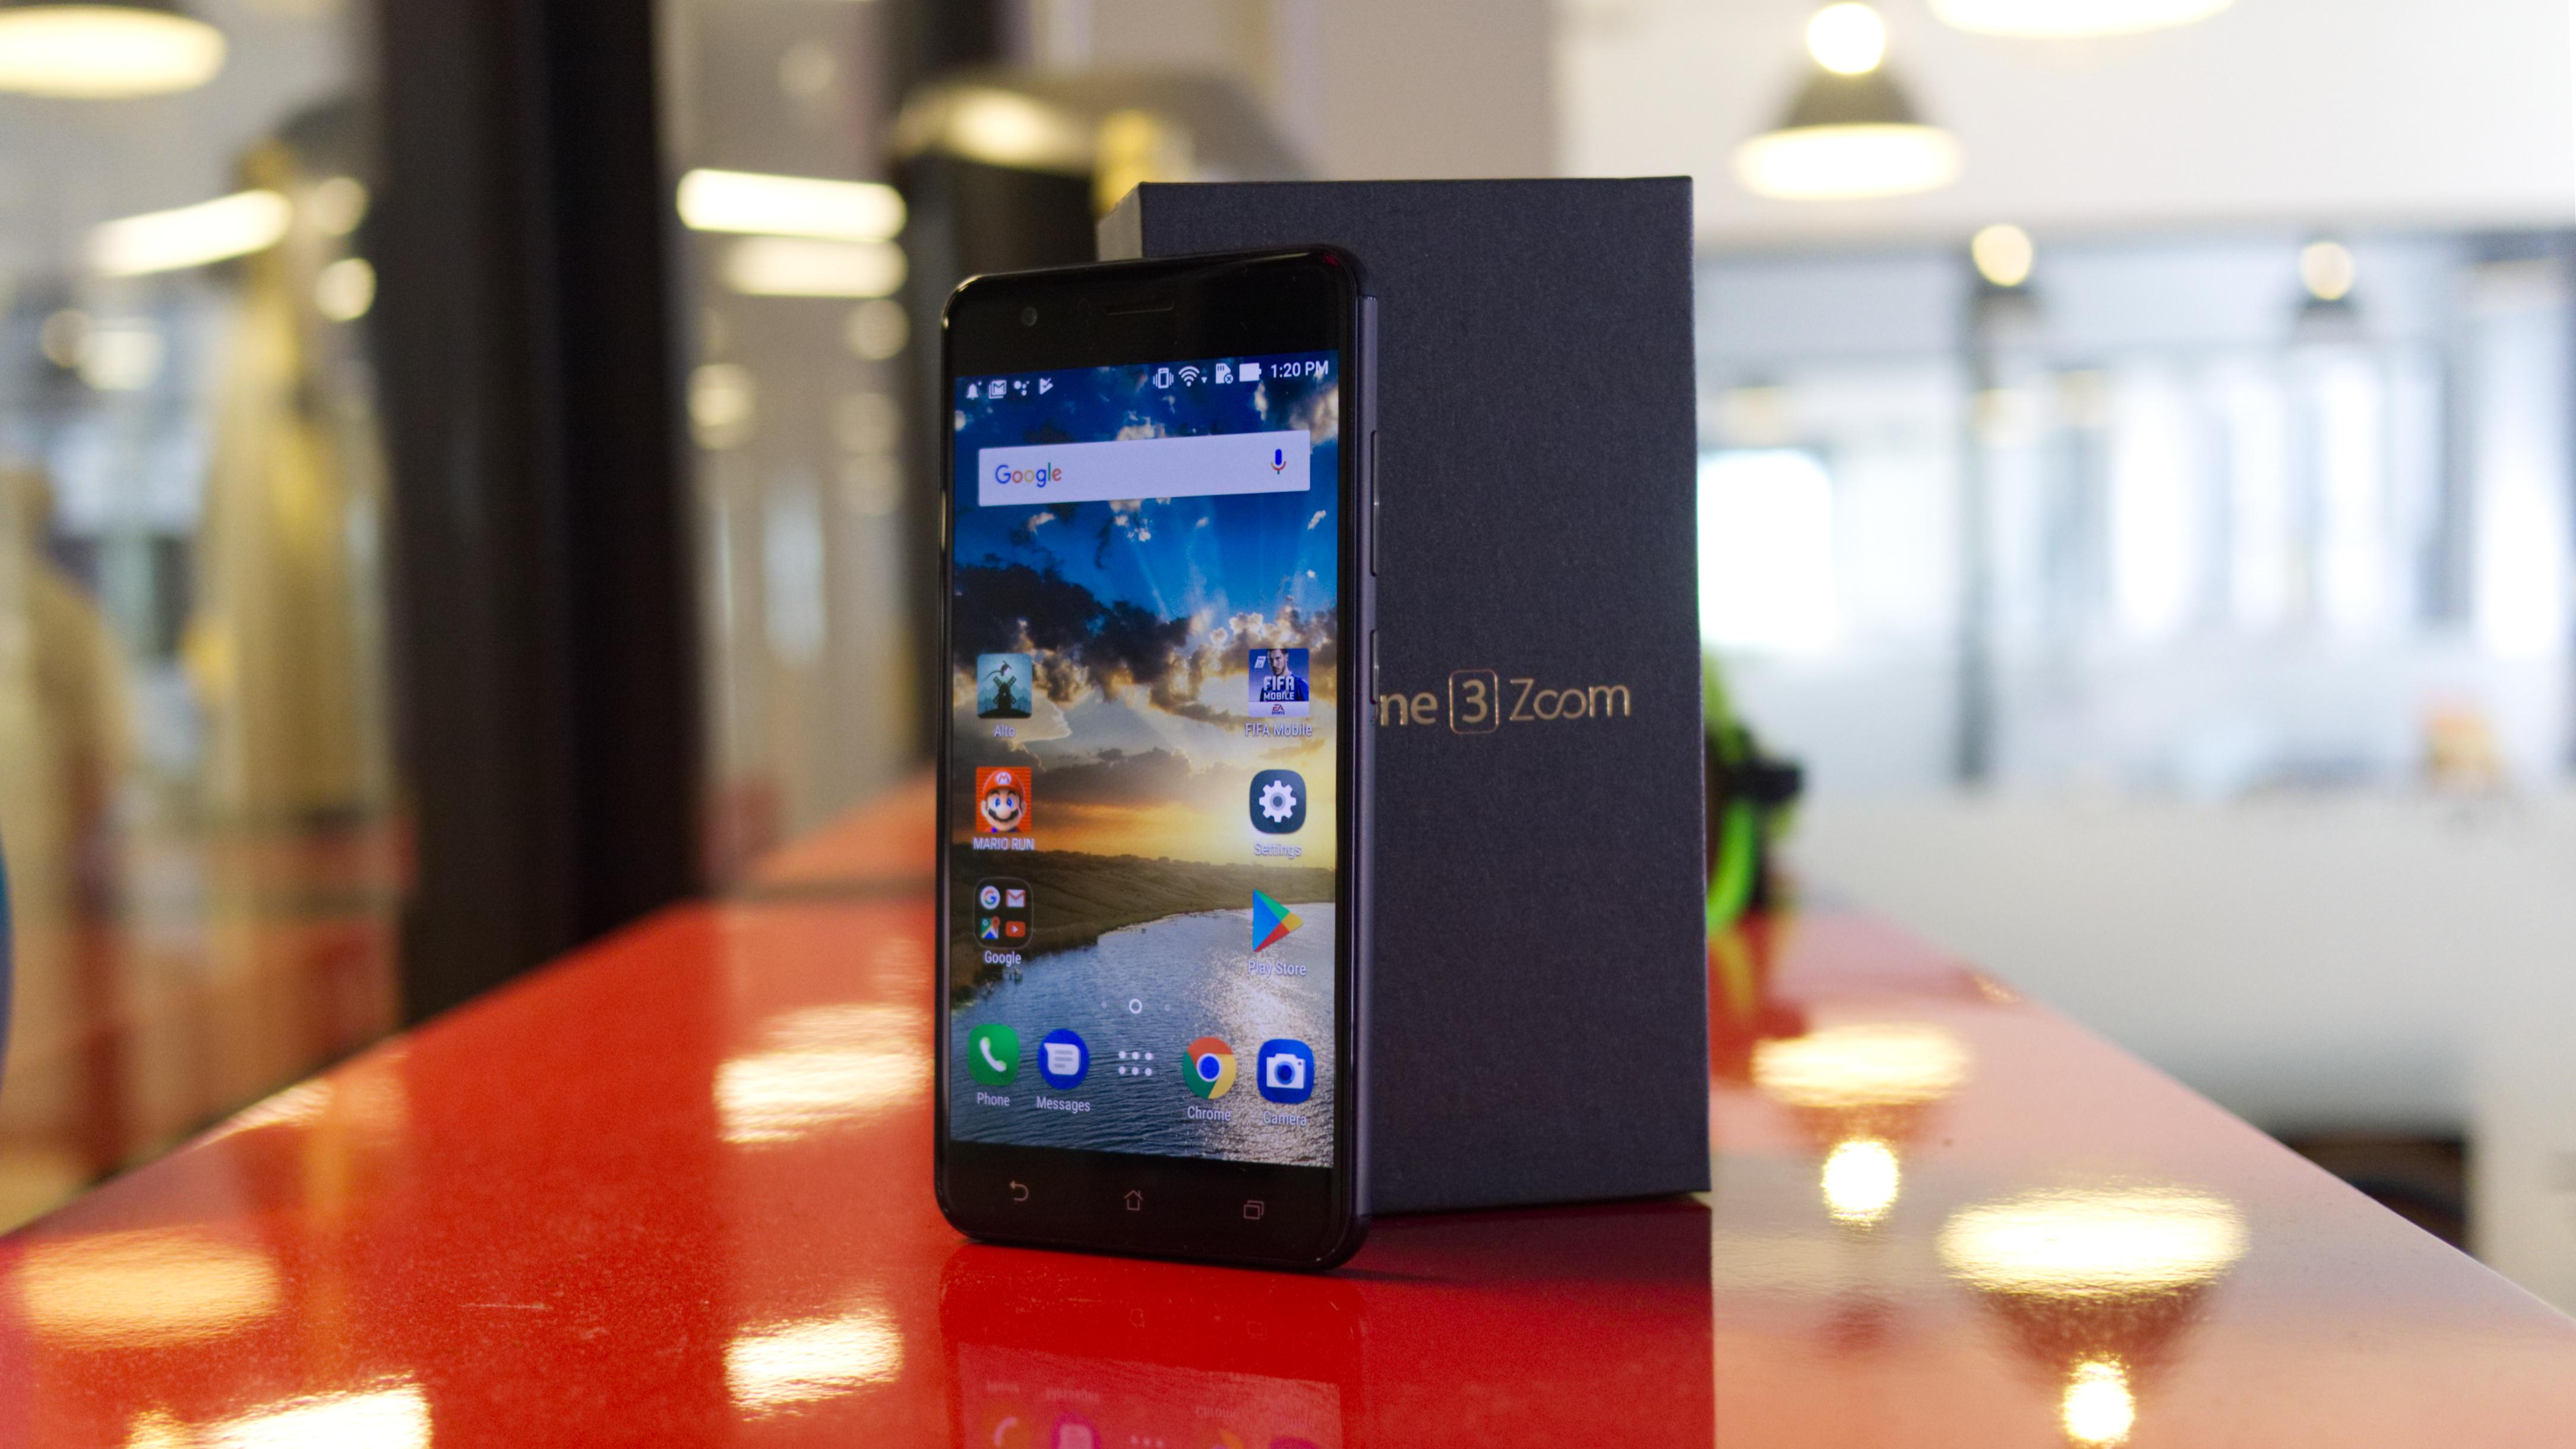 Asus Zenfone 3 Zoom Techradar 32gb